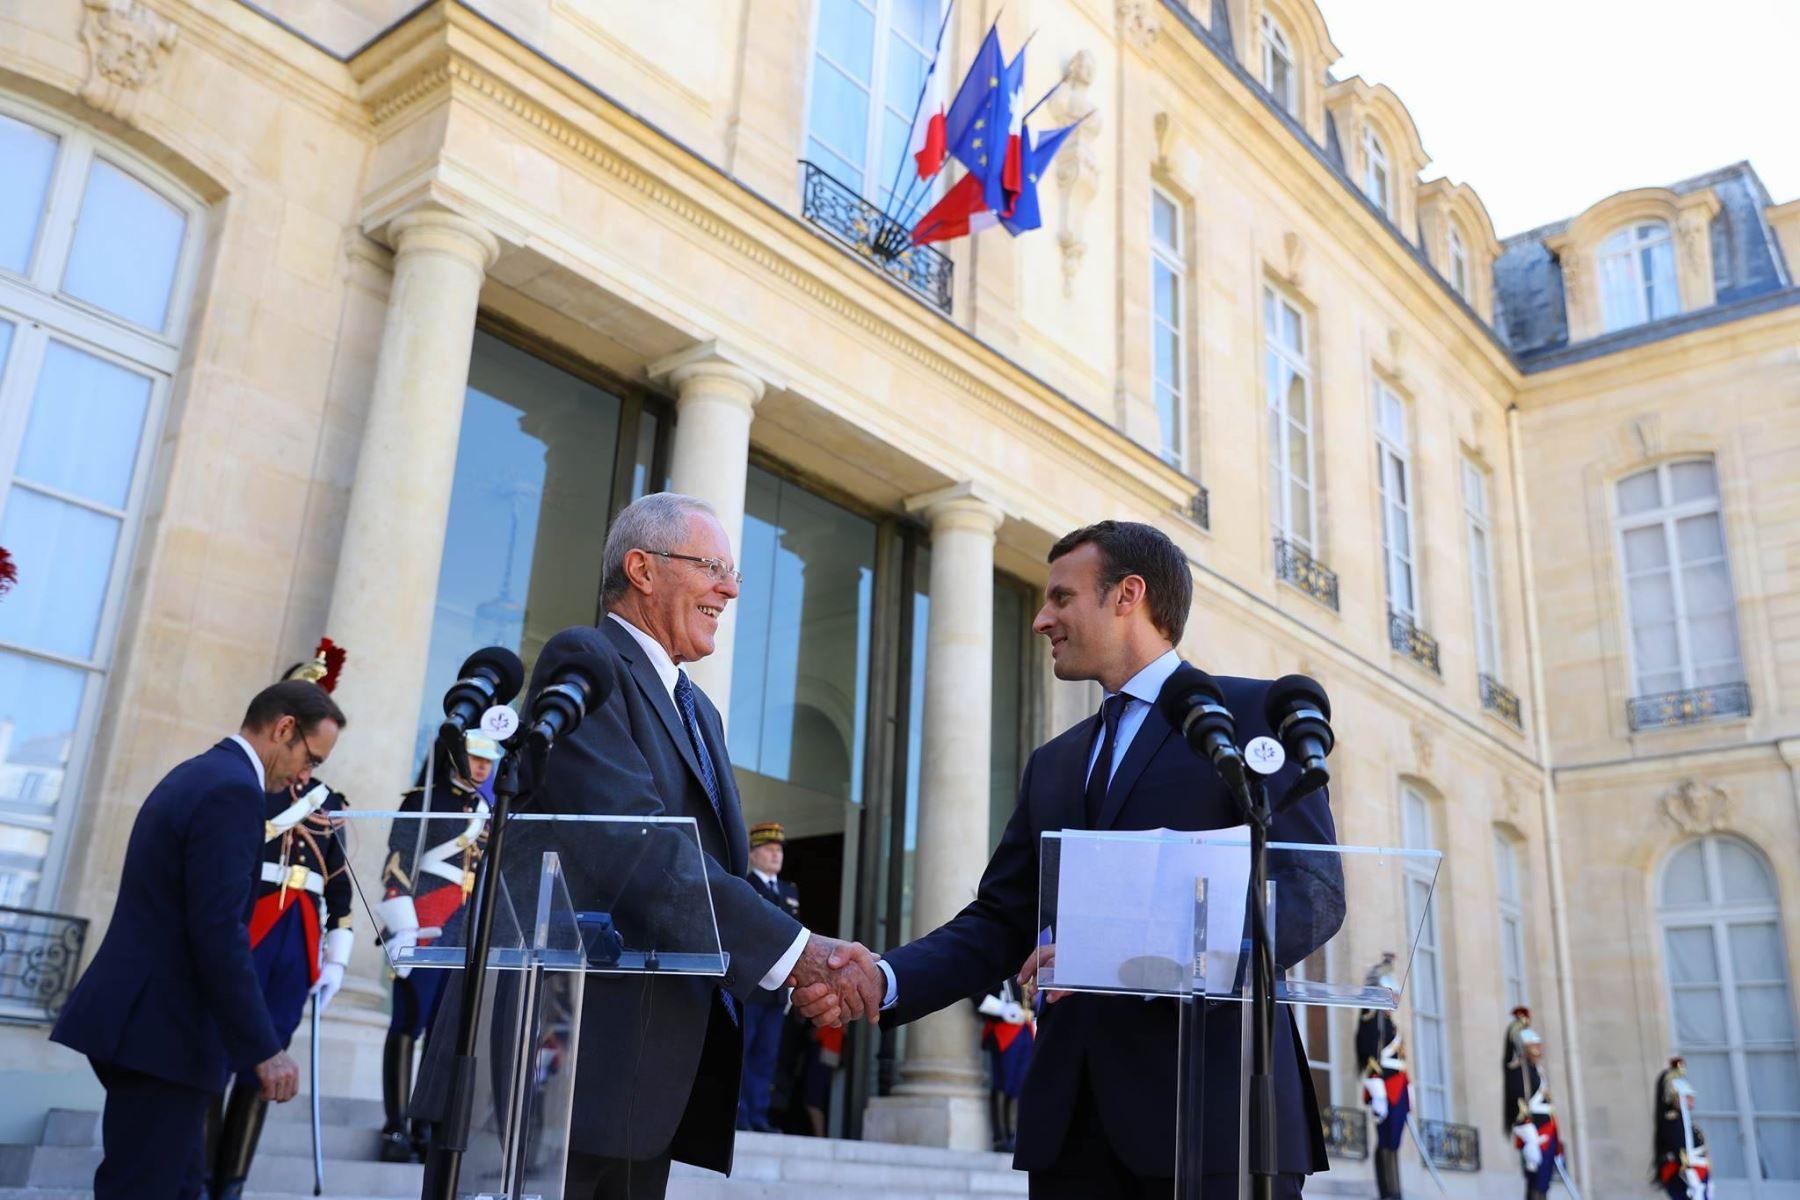 Presidentes Pedro Pablo Kuczynski y Emmanuel Macron realizan un pronunciamiento conjunto en el Palacio del Elíseo. Foto: ANDINA/ Prensa Presidencia